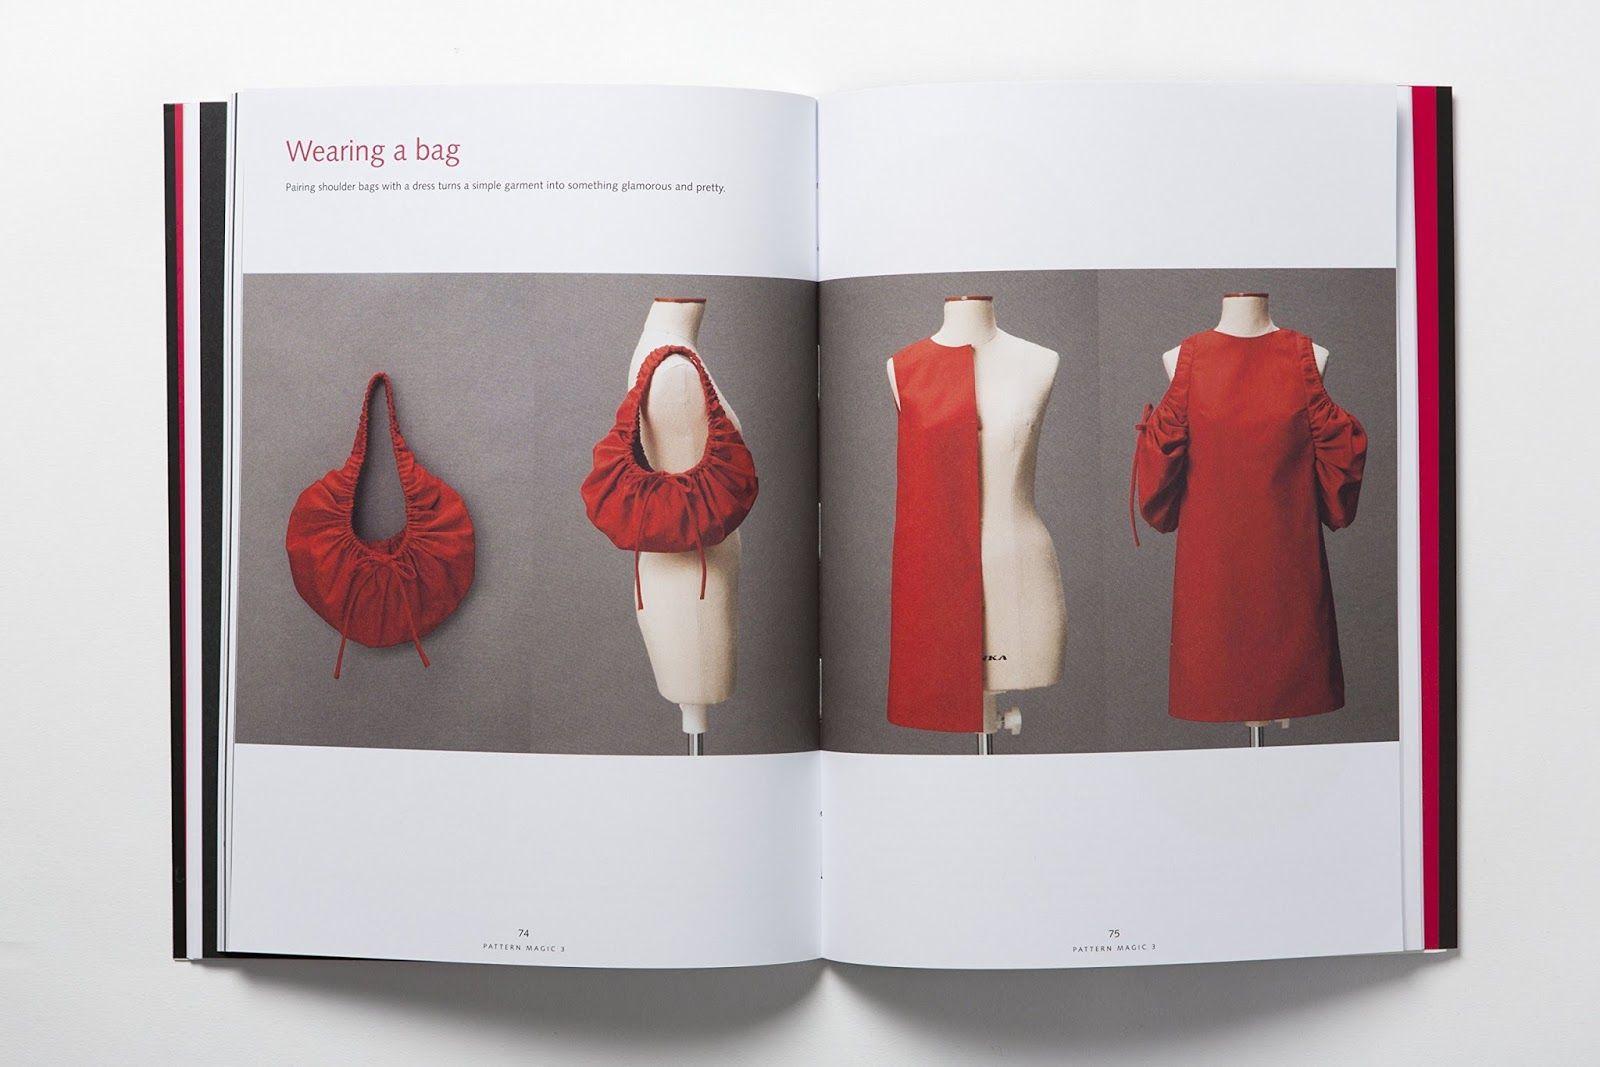 تحميل كتاب تعليم تصميم الازياء Pdf تحميل مجانا يحتوى على شروحات في تعلم الخياطة والتفصيل Mens Sewing Patterns Jacket Pattern Sewing Pattern Fashion